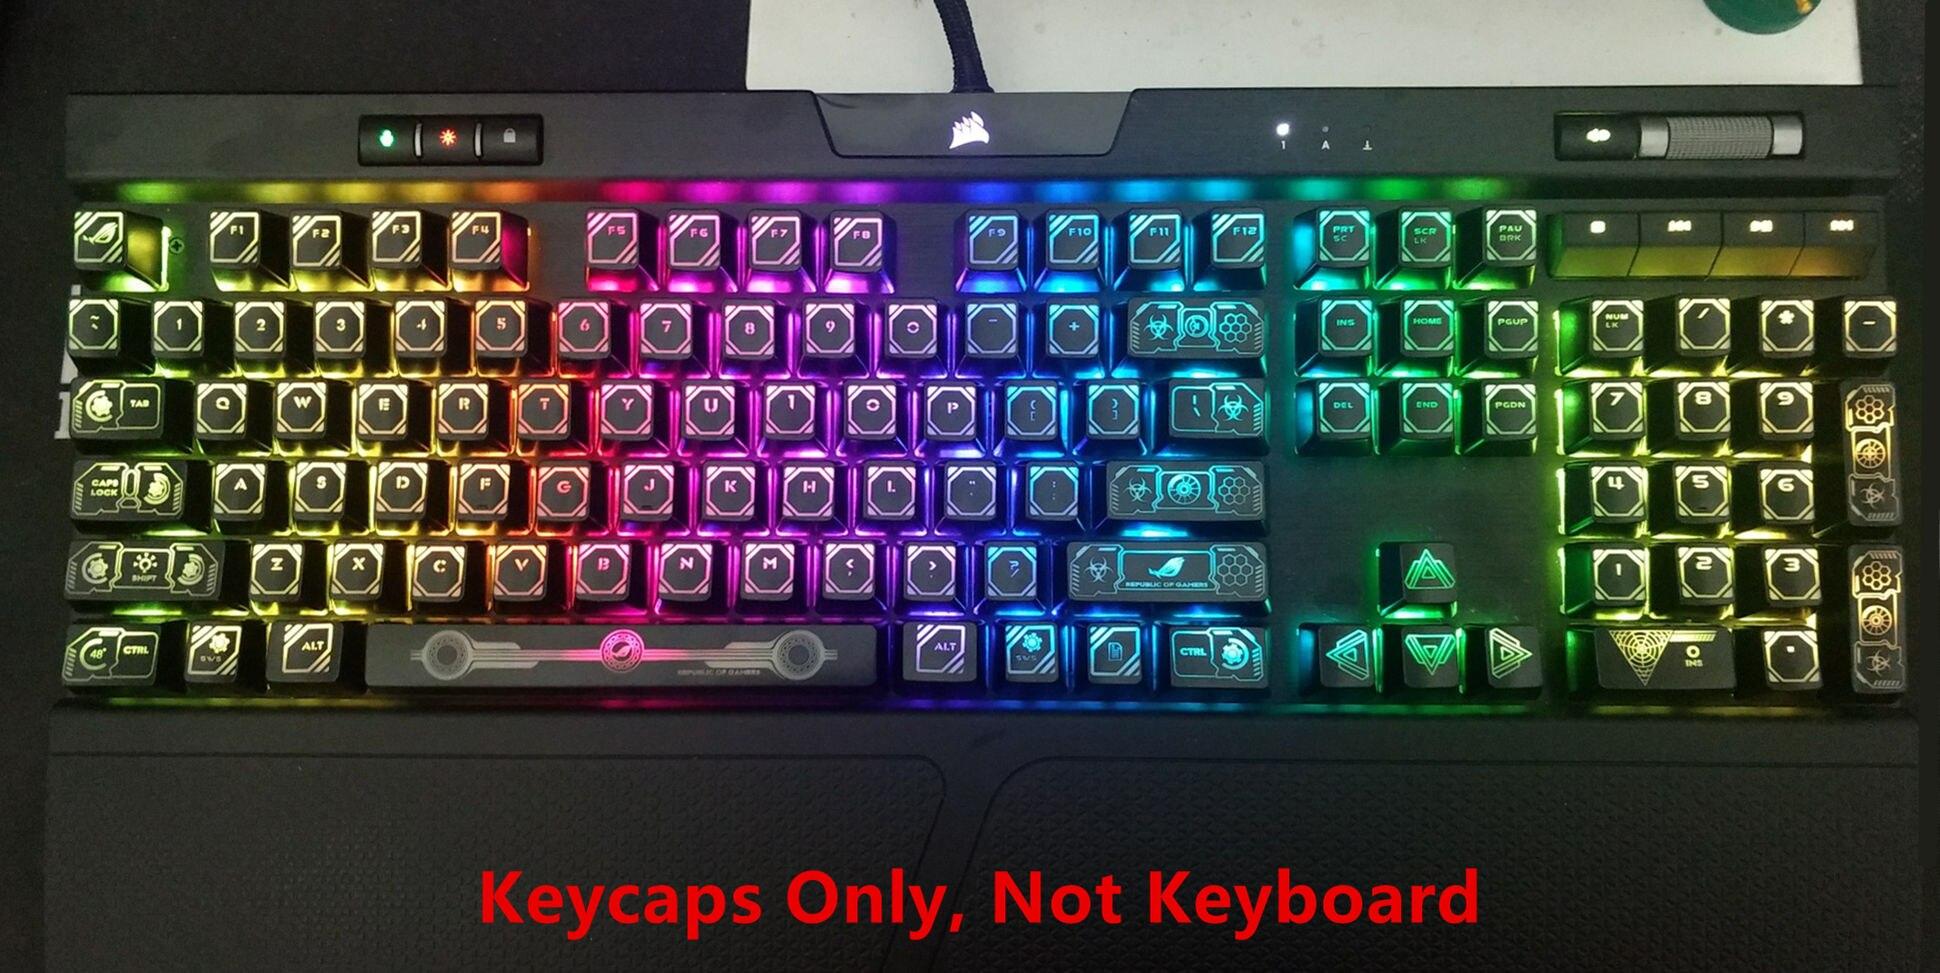 104 clés Laser rétro-éclairé Keycap Set Gaming Keycaps clé Cap pour Corsair K70 K65 RGB K95 Strafe mécanique MX Gaming clavier